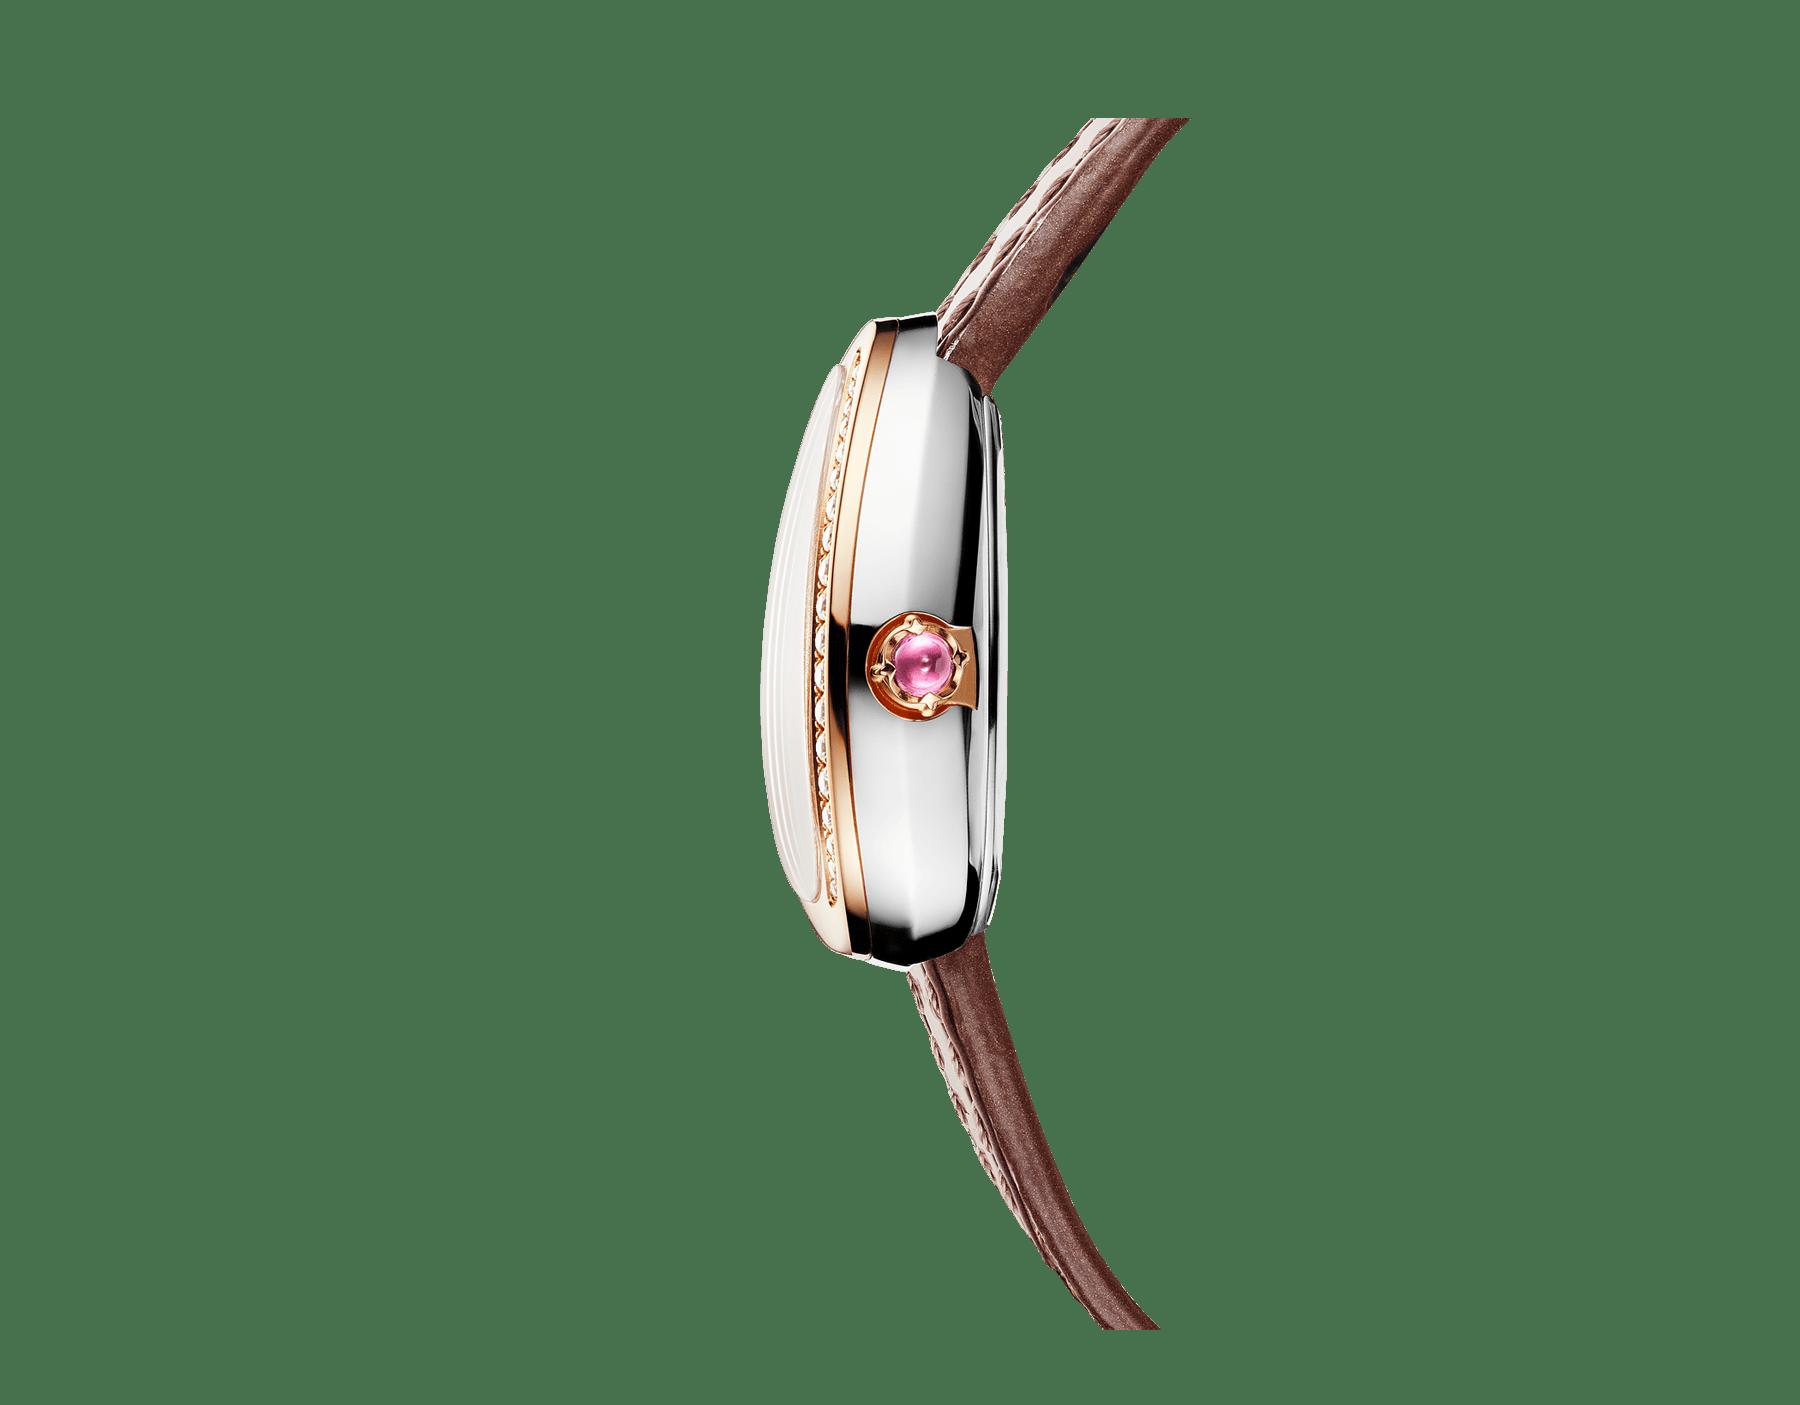 Relógio Serpenti com caixa em aço, bezel em ouro rosa 18K cravejado com diamantes redondos lapidação brilhante, mostrador em madrepérola branca e pulseira de duas voltas intercambiável em couro marrom 103059 image 2